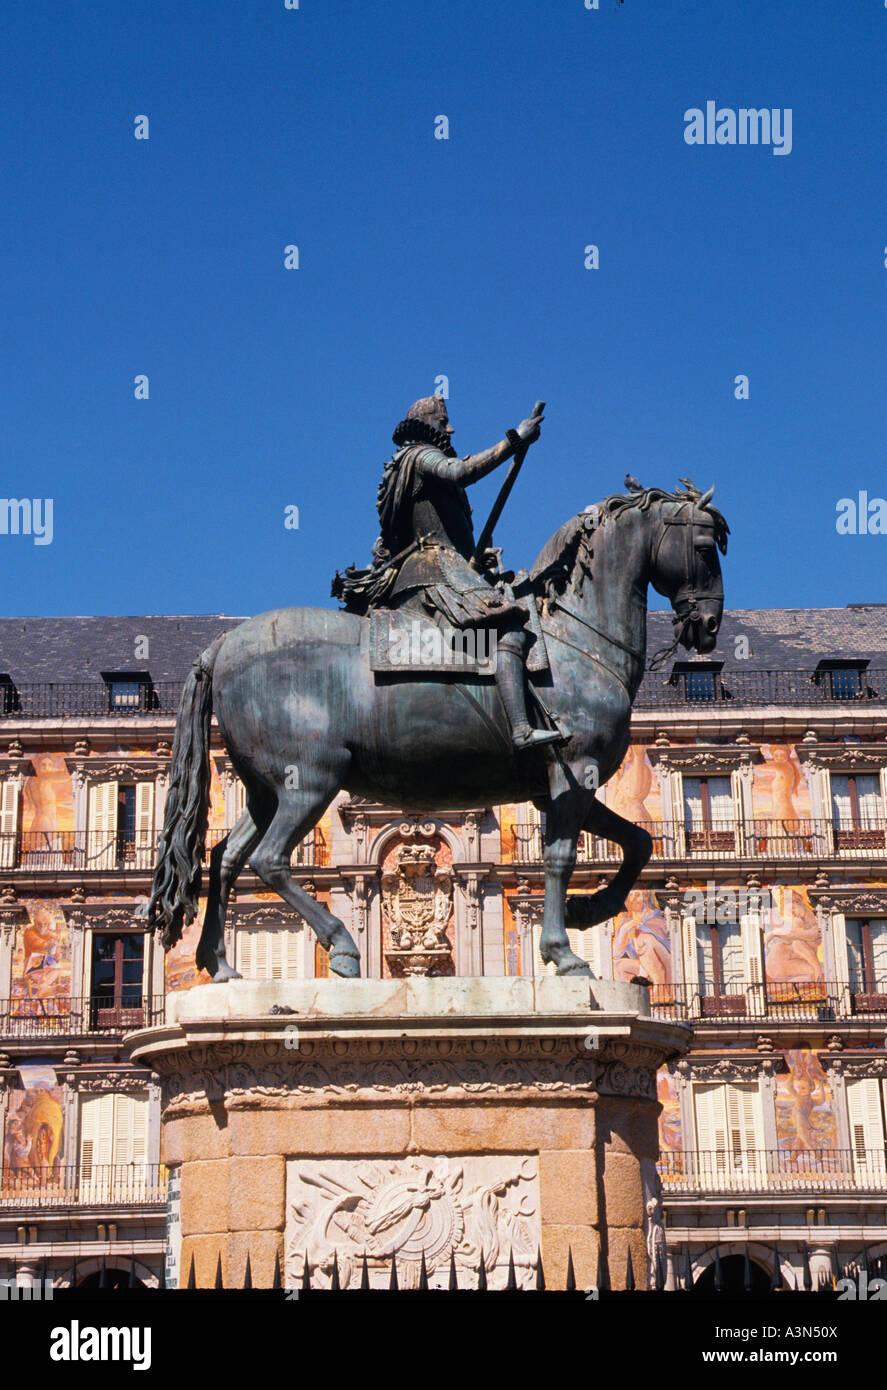 Europe Spain Madrid The Plaza Mayor Castile - Stock Image